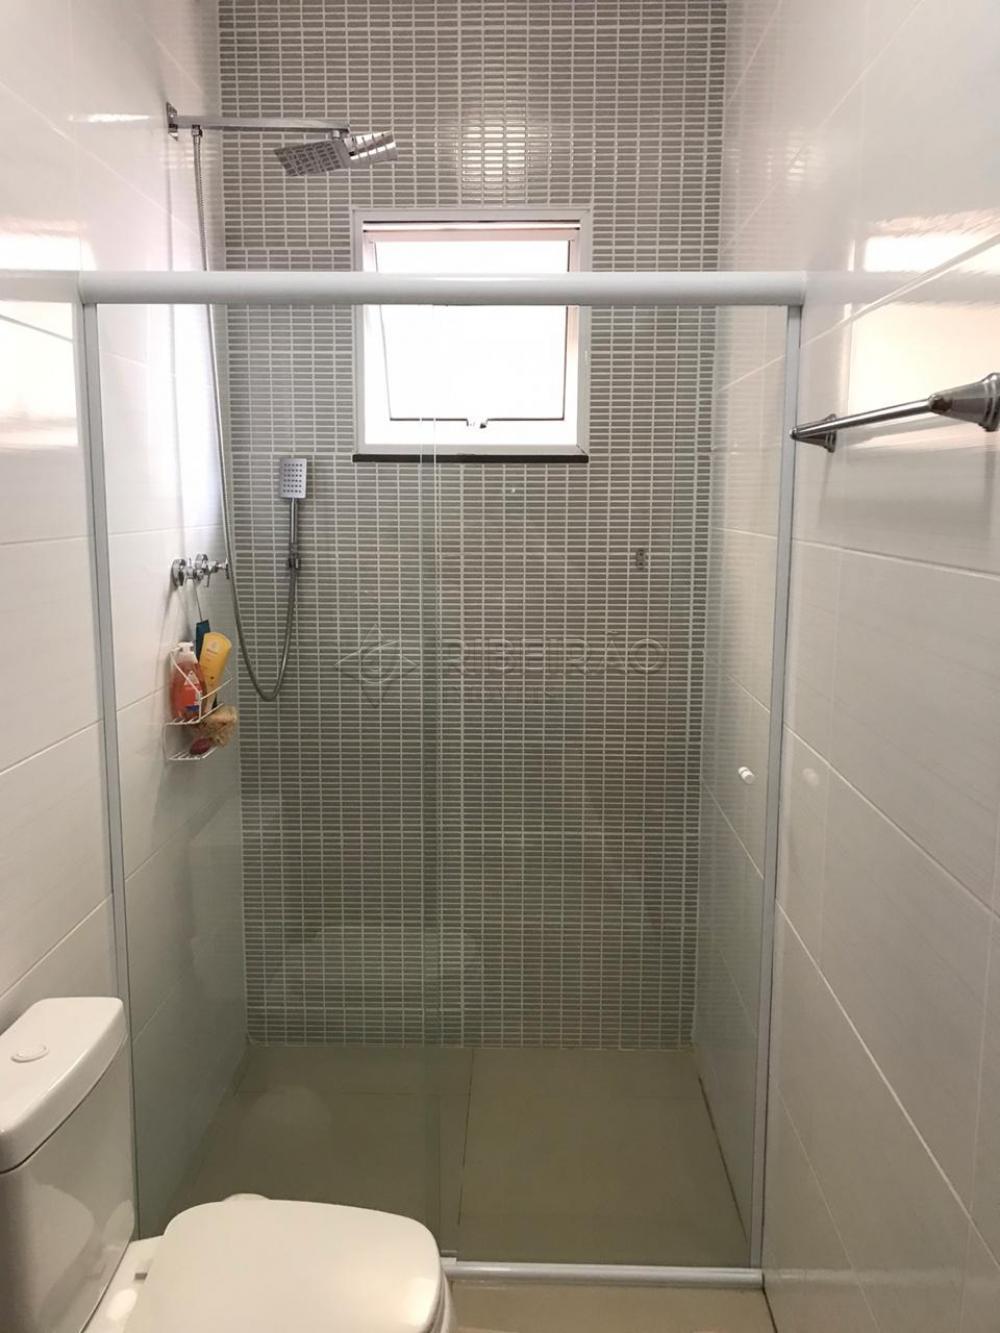 Alugar Casa / Condomínio em Cravinhos apenas R$ 3.500,00 - Foto 3